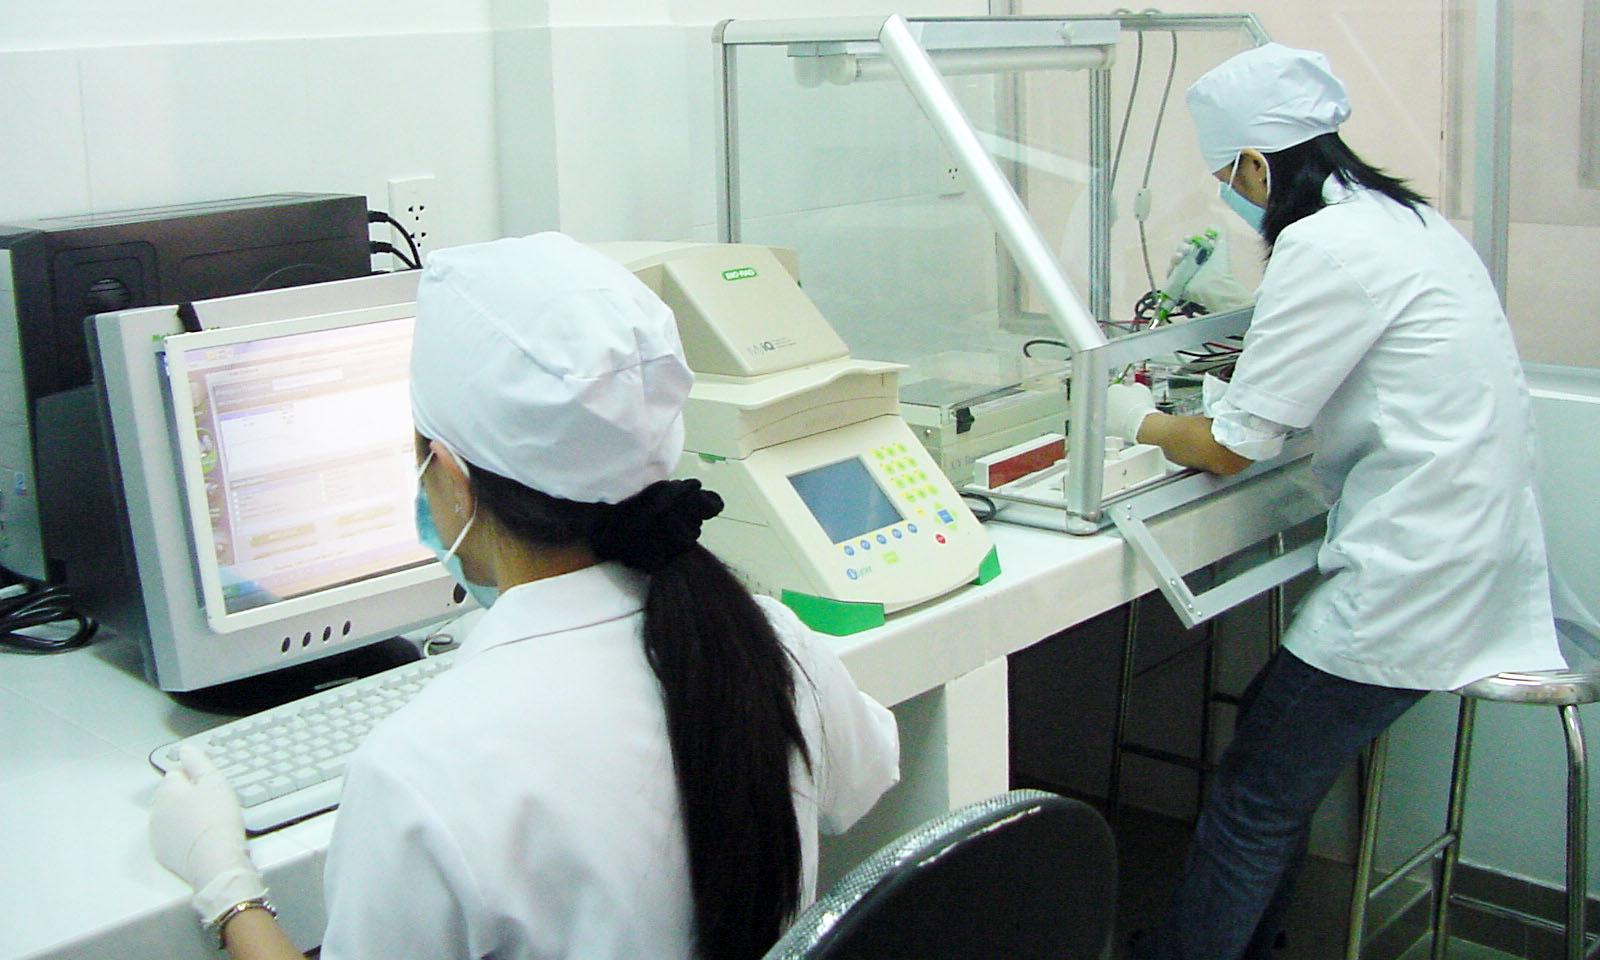 Tư vấn xin cấp giấy phép nhập khẩu trang thiết bị y tế